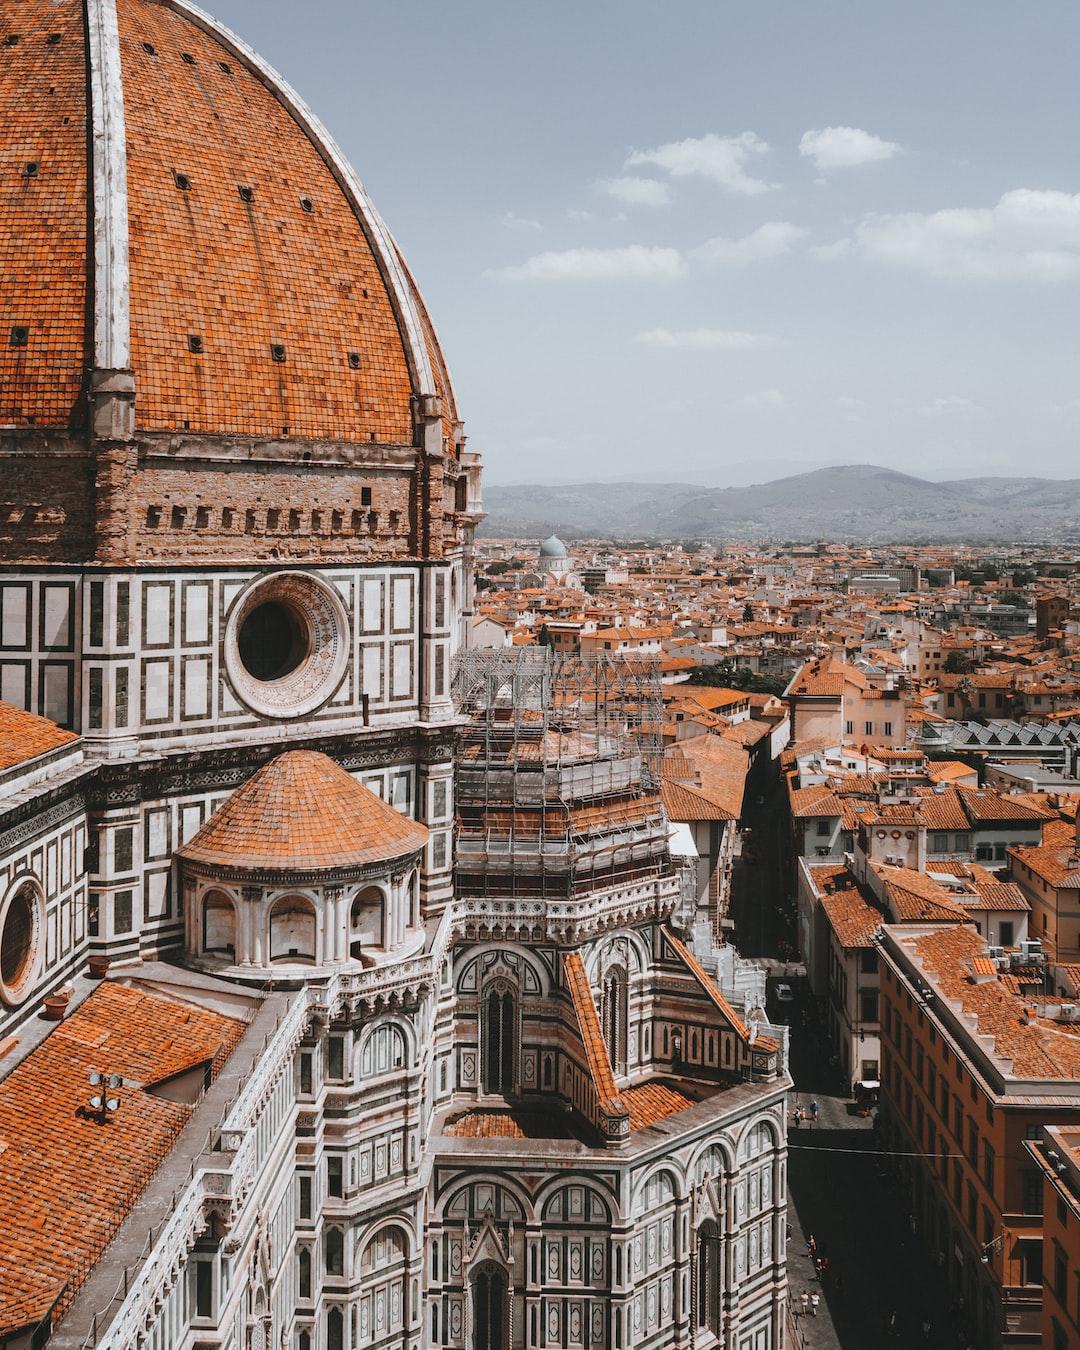 Florence views 🧡 – instagram.com/hrrbhn